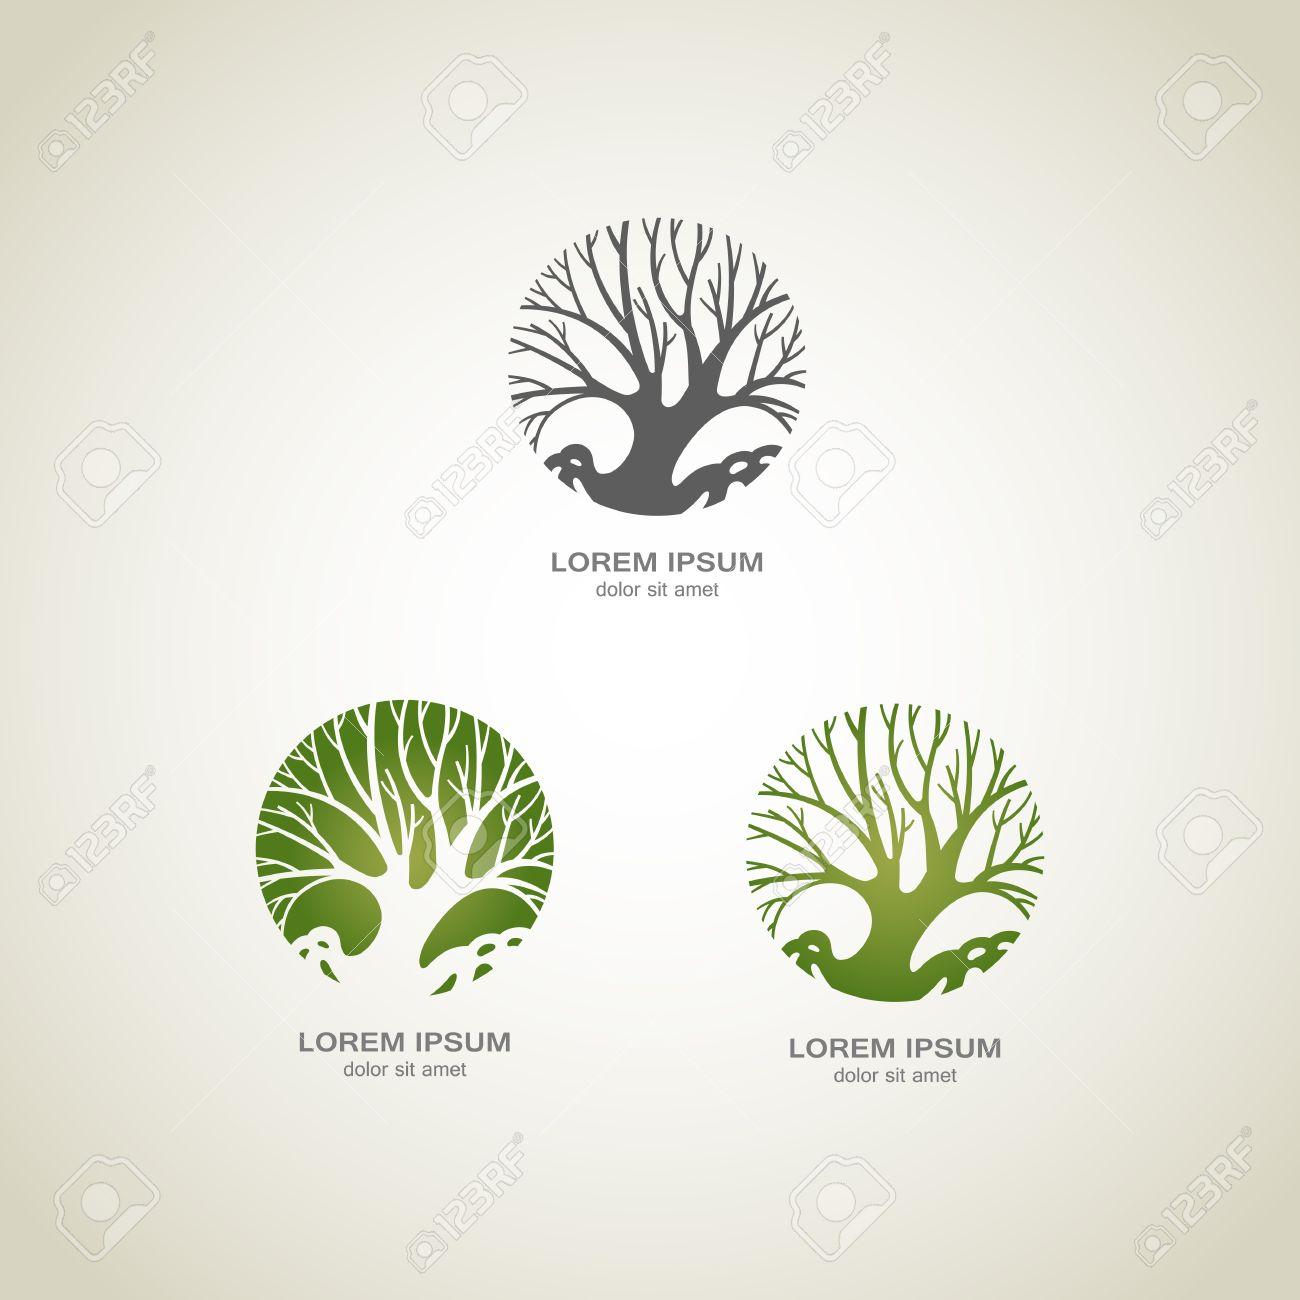 Green Tree Logo. Green Circle Tree Vector Logo Design. Creative ...